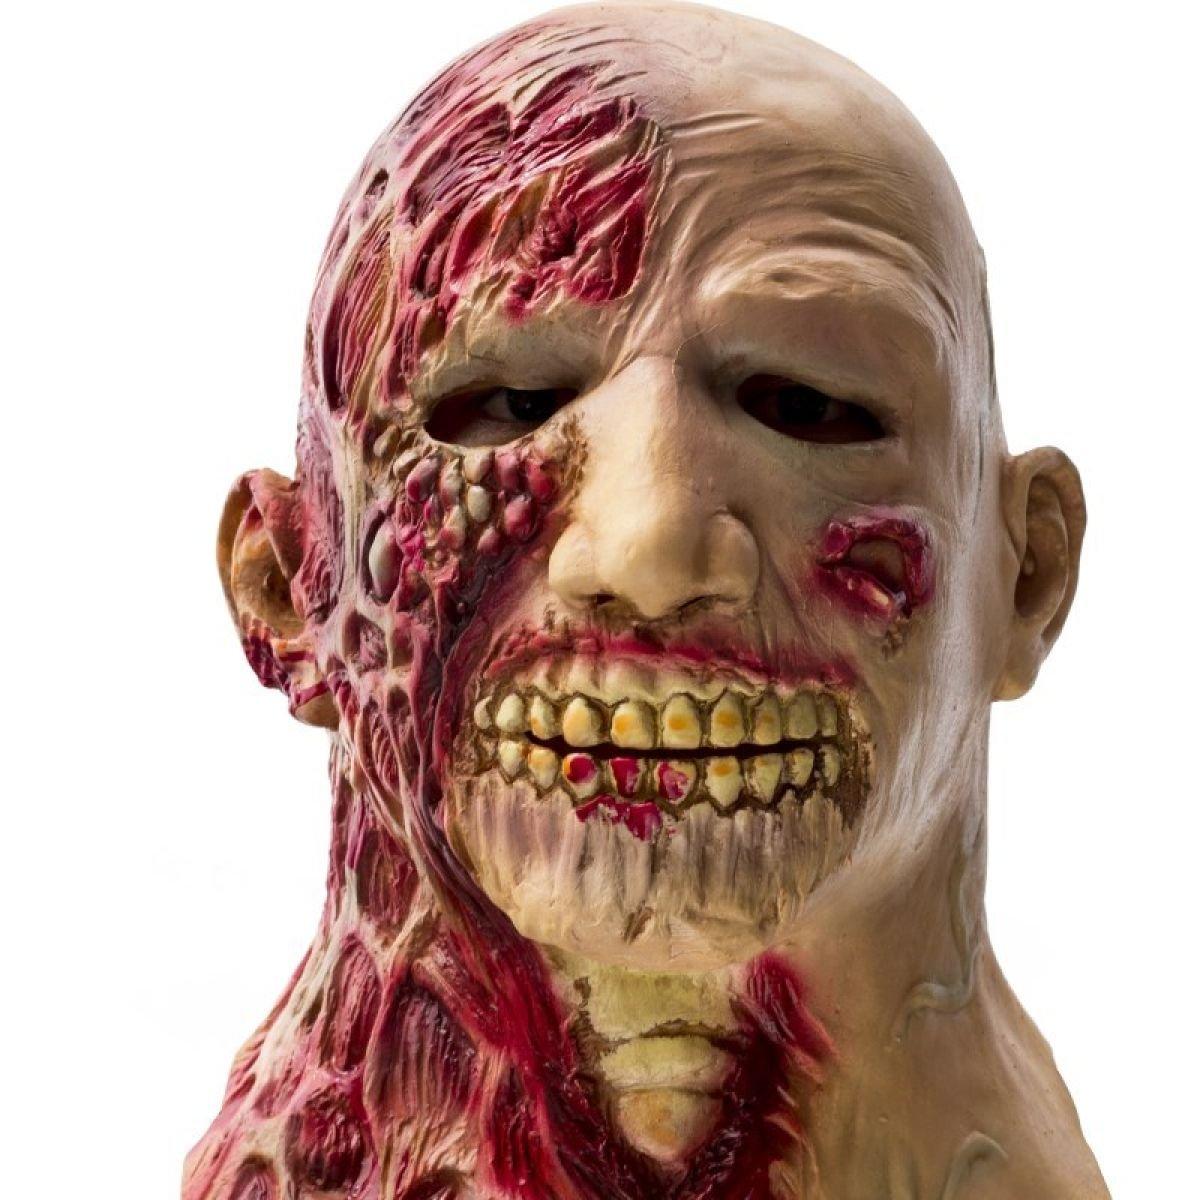 Nihiug Halloween-Kleid-Partei-Stützen Zombie-Teufel-Schablone Männlicher Erwachsener Horror-furchtsamer Latex-Kappen-Schlepper Halloween-Party,B